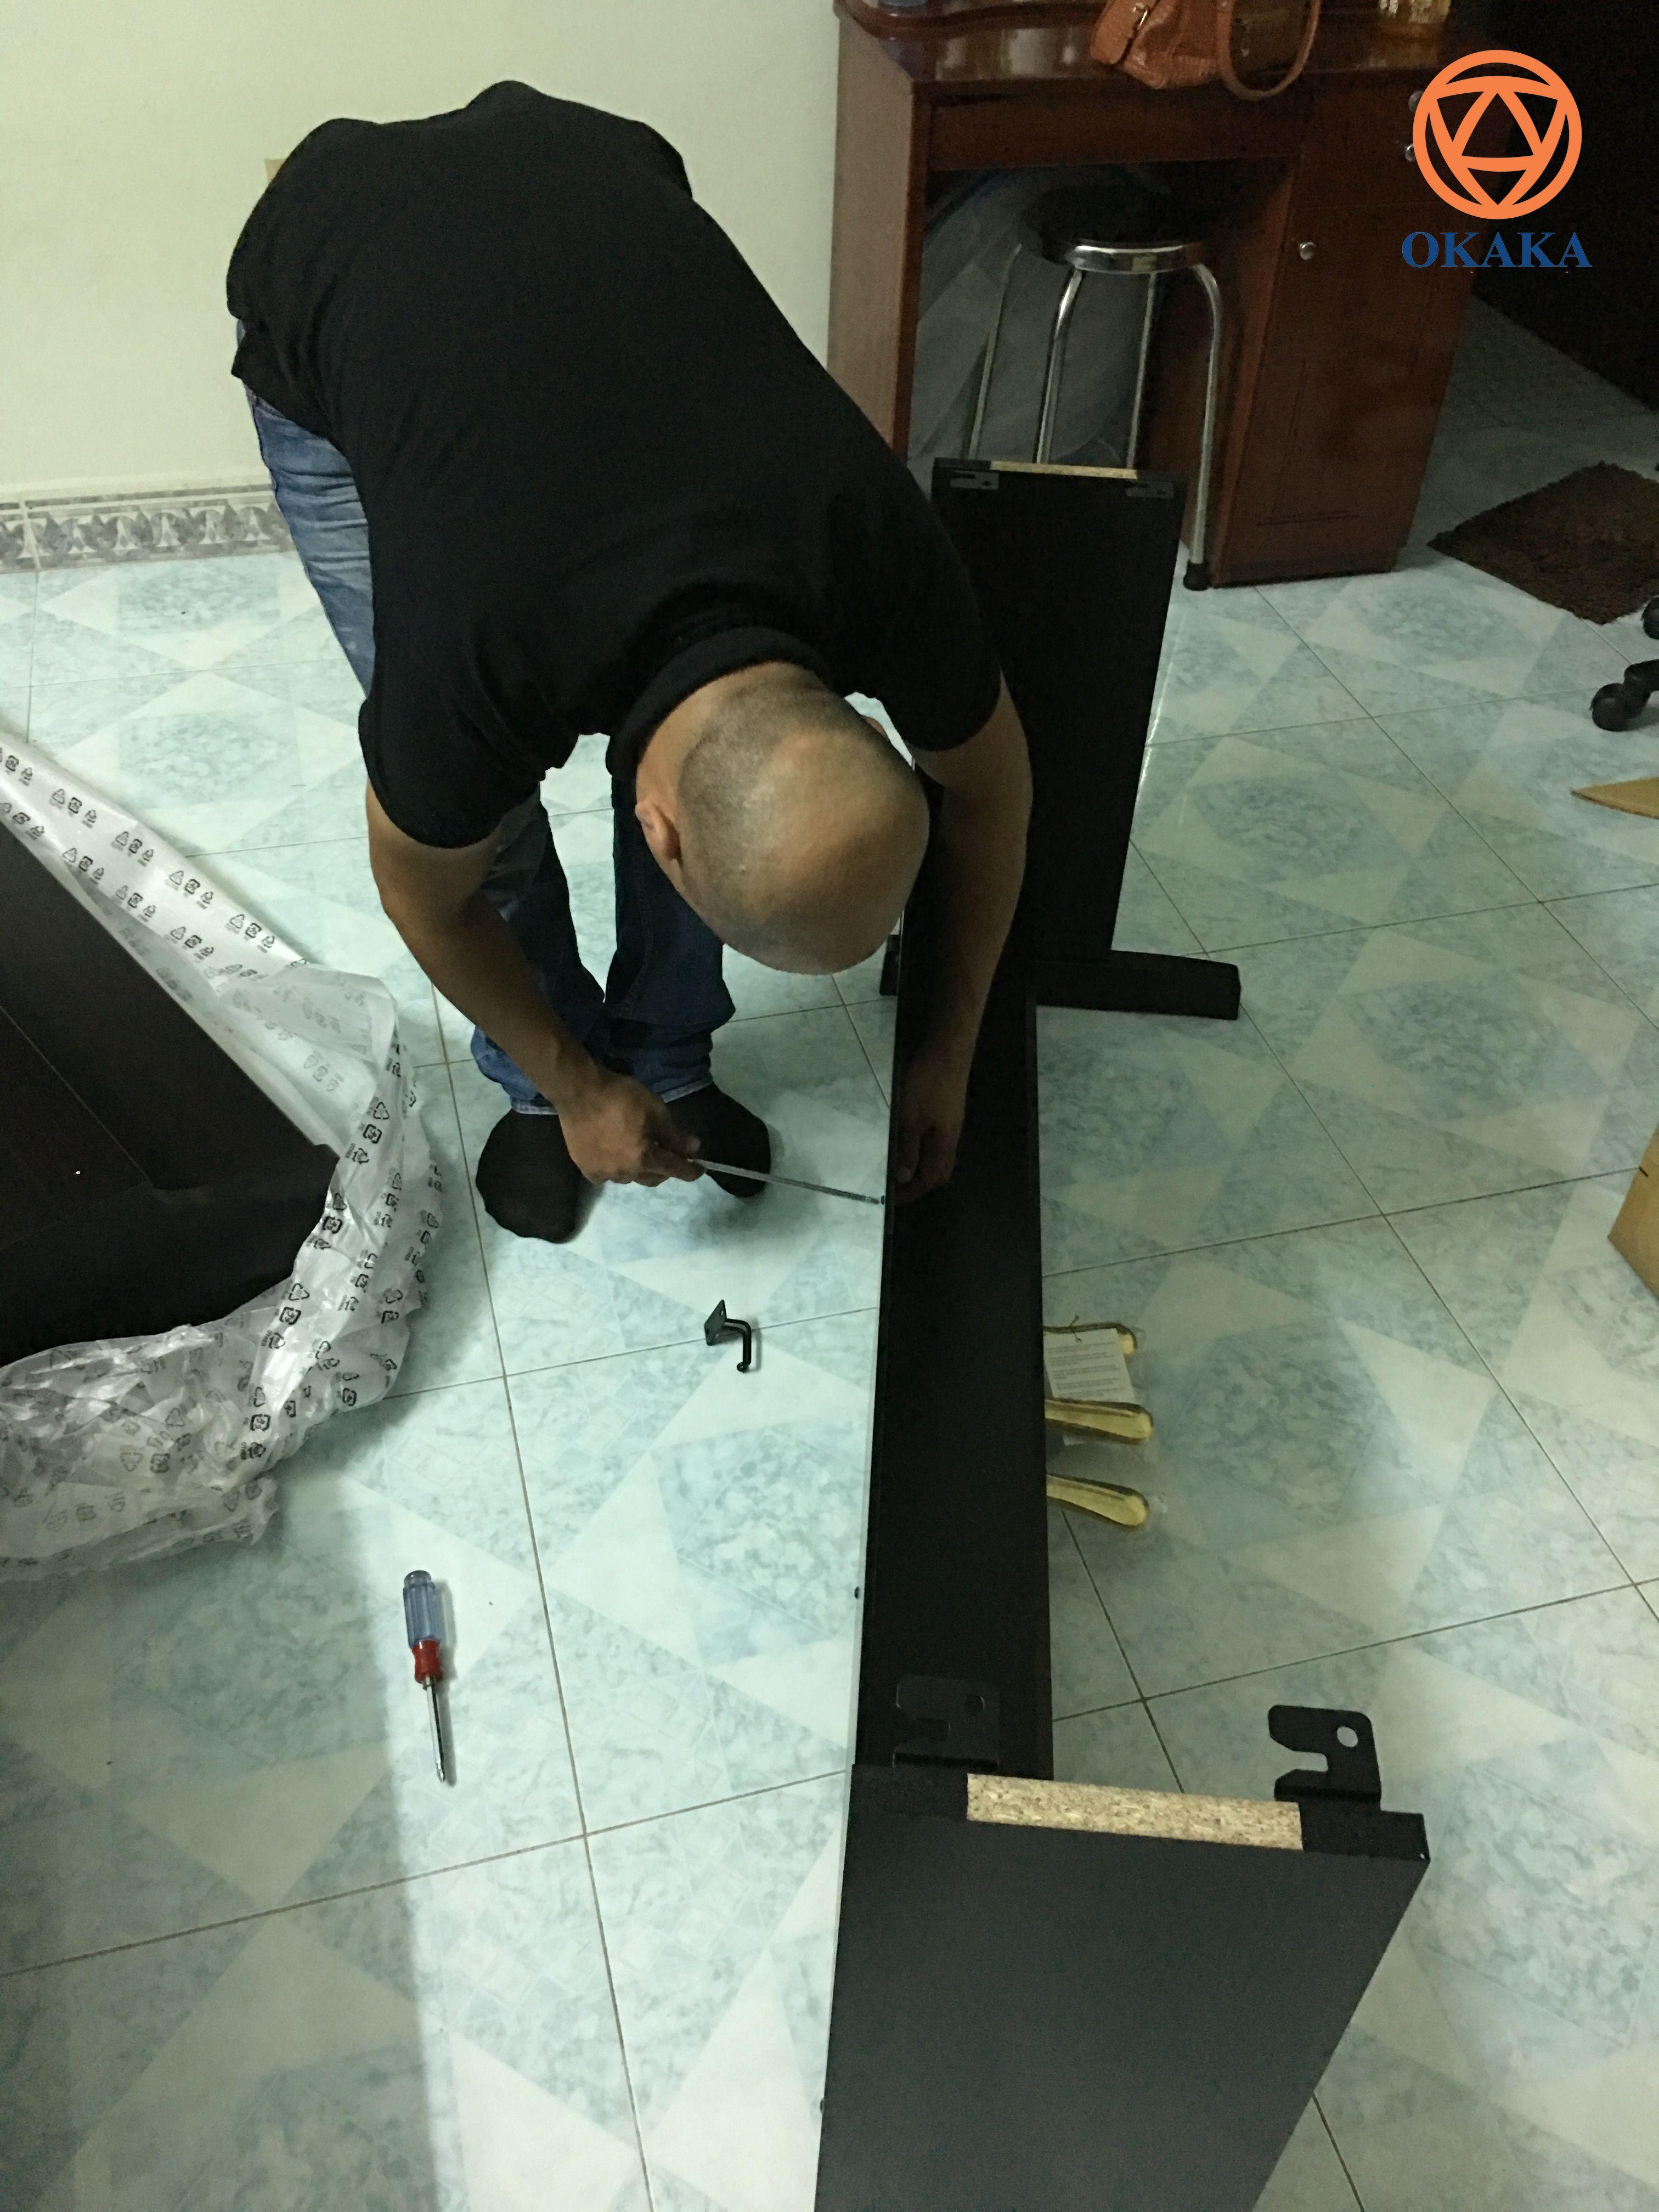 Hành trình chinh phục khách hàng của OKAKA có những cuộc gọi chớp nhoáng và chốt sale cực nhanh. Trường hợp của chị Khanh ở Gò Vấp là một ví dụ điển hình. Và tối hôm qua, OKAKA đã giao đàn piano điện Yamaha YDP-163 tận nhà và lắp ráp hoàn chỉnh cho chị.